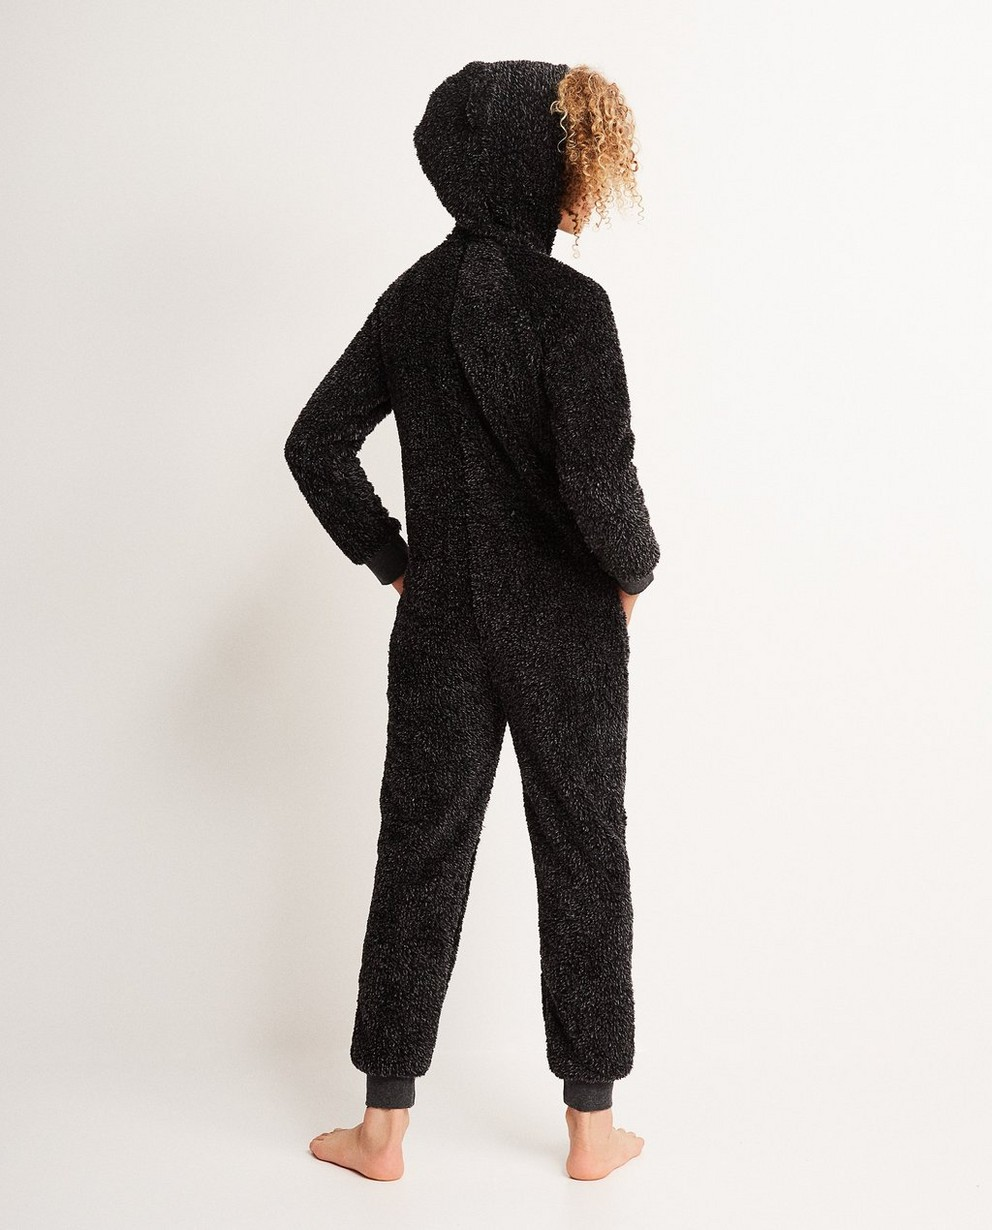 Nachtkleding - GSD - Beren onesie